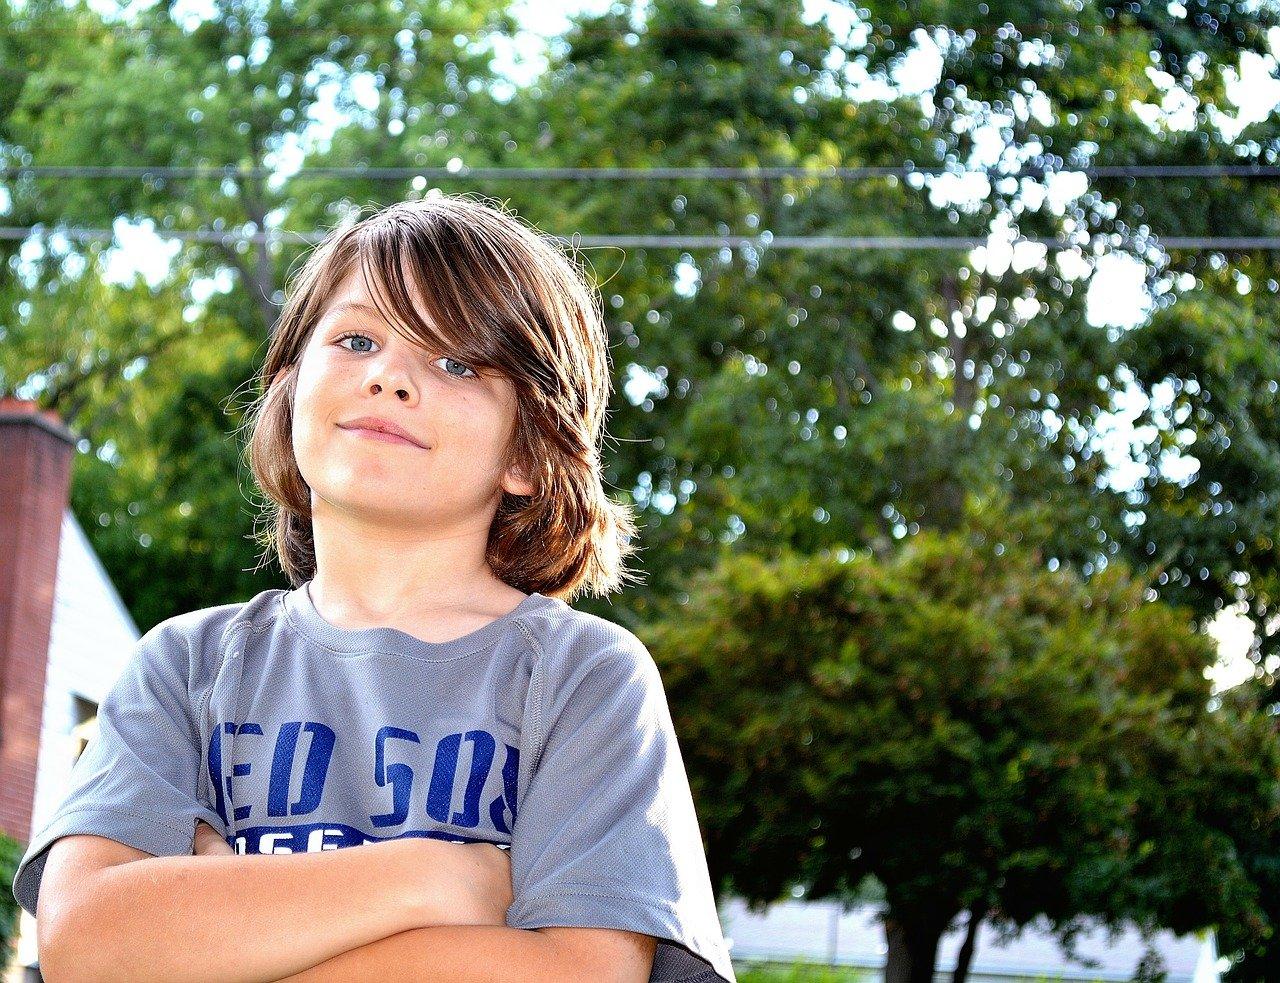 Hoe kun je een kind positief stimuleren?